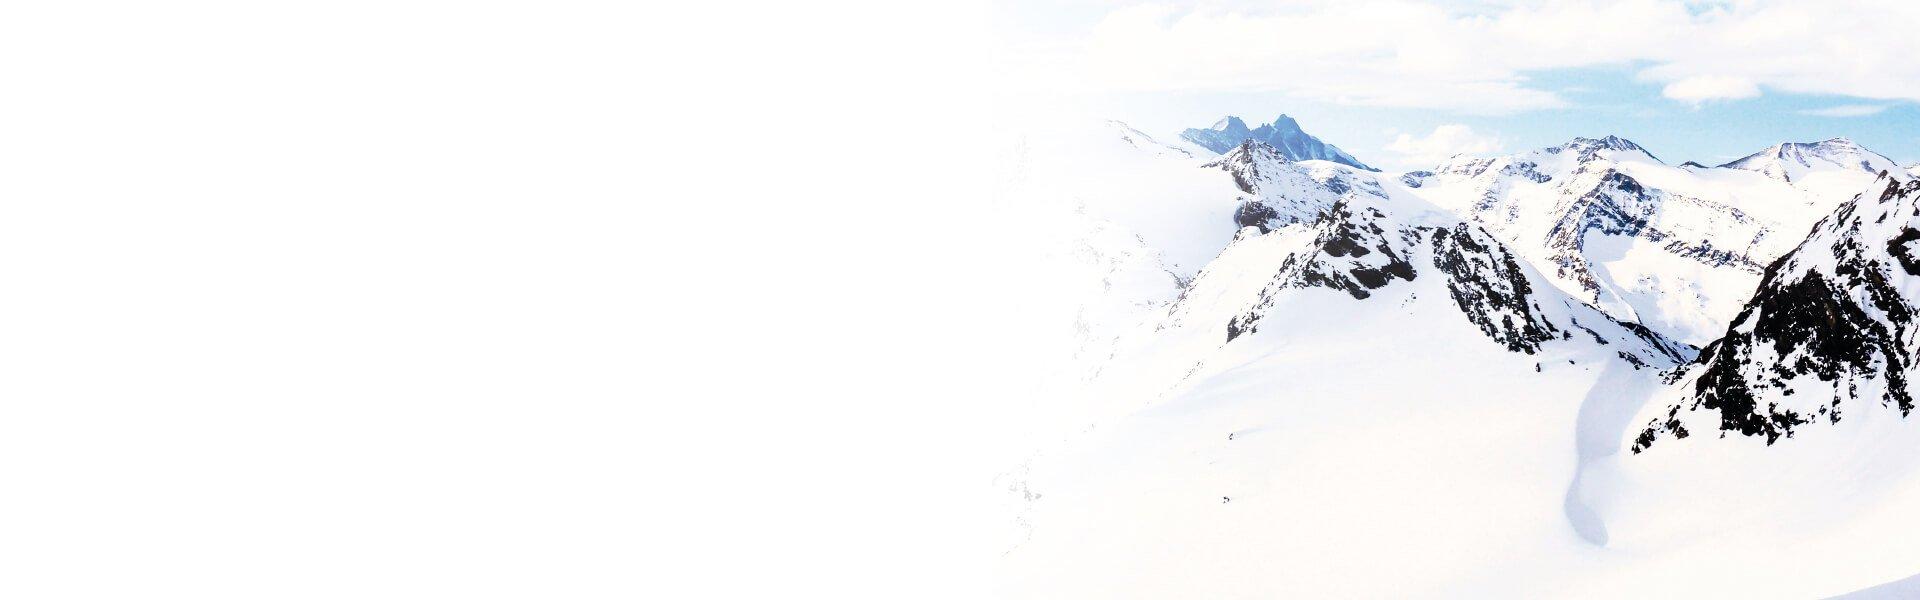 Foto de unas montañas nevadas